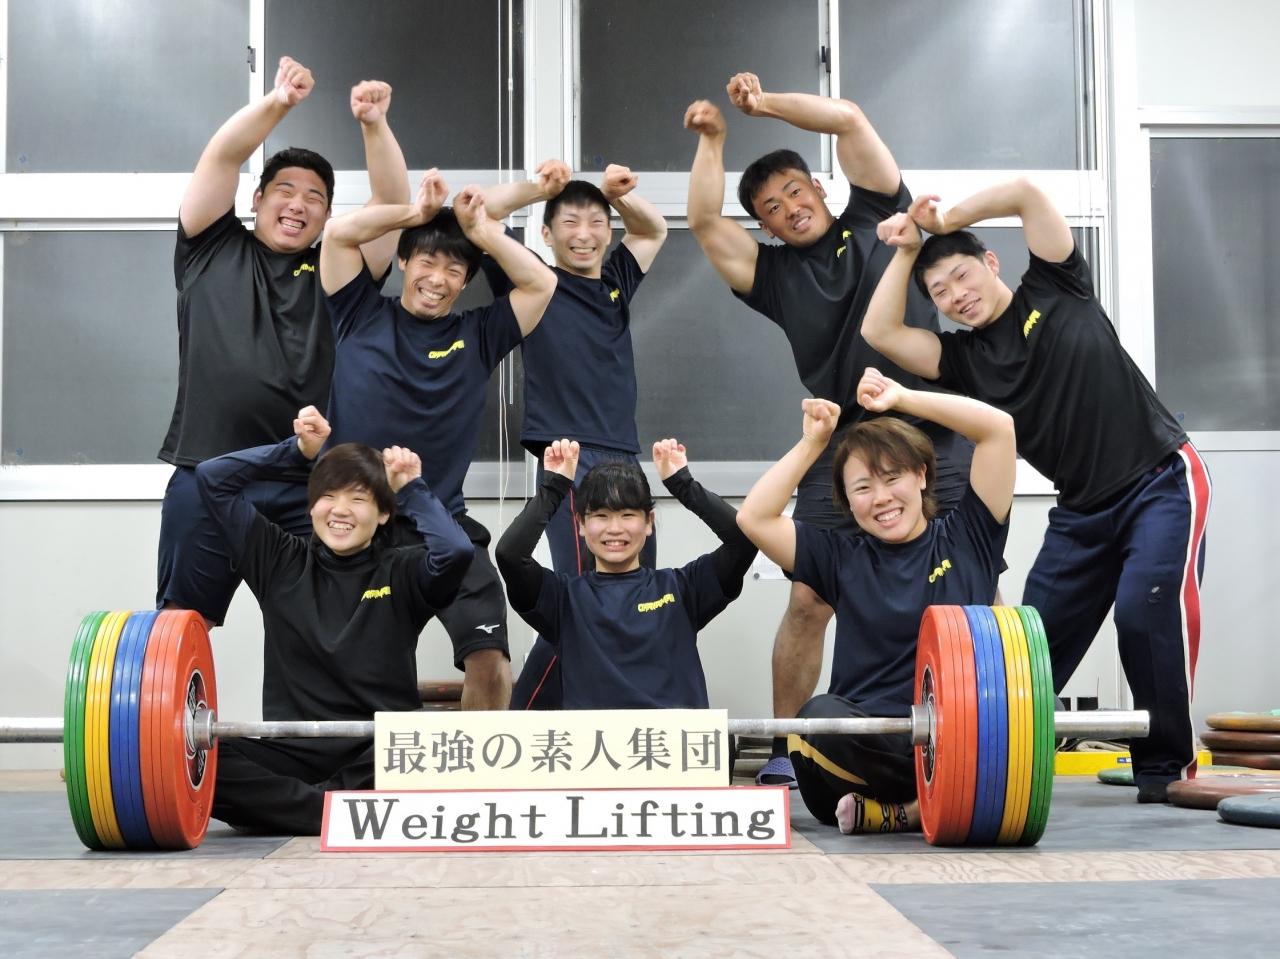 倉敷市スポーツ振興協会ウエイトリフティング部(チーム ももっち)